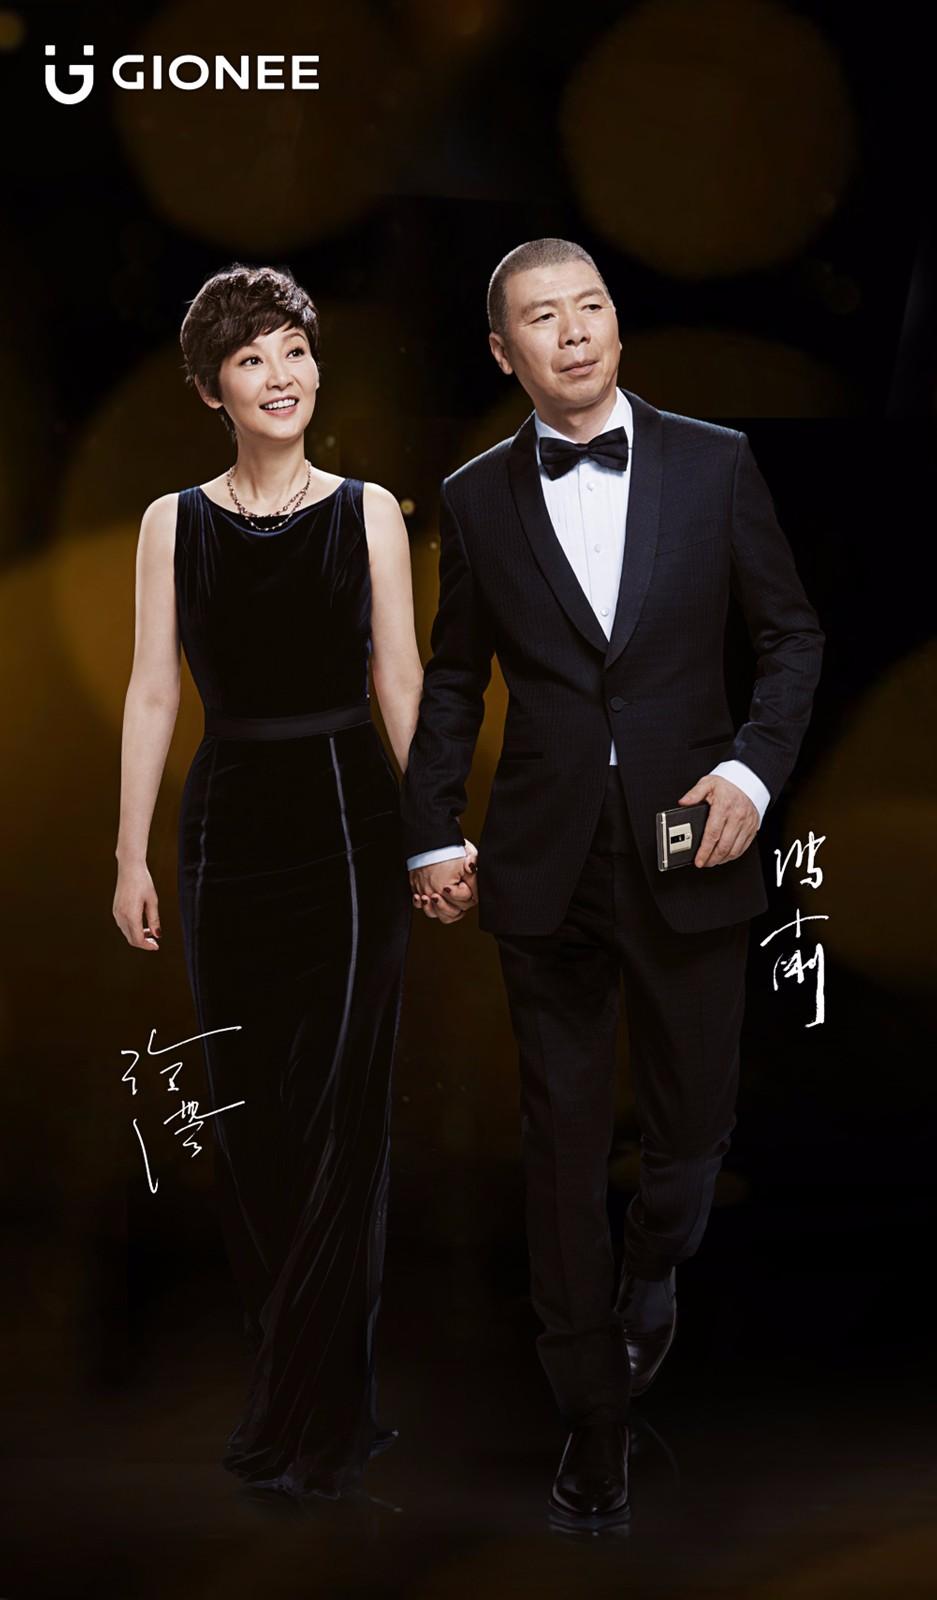 除了冯小刚,最近金立还把他的媳妇徐帆拉了上来,夫妻双双把金立代言。